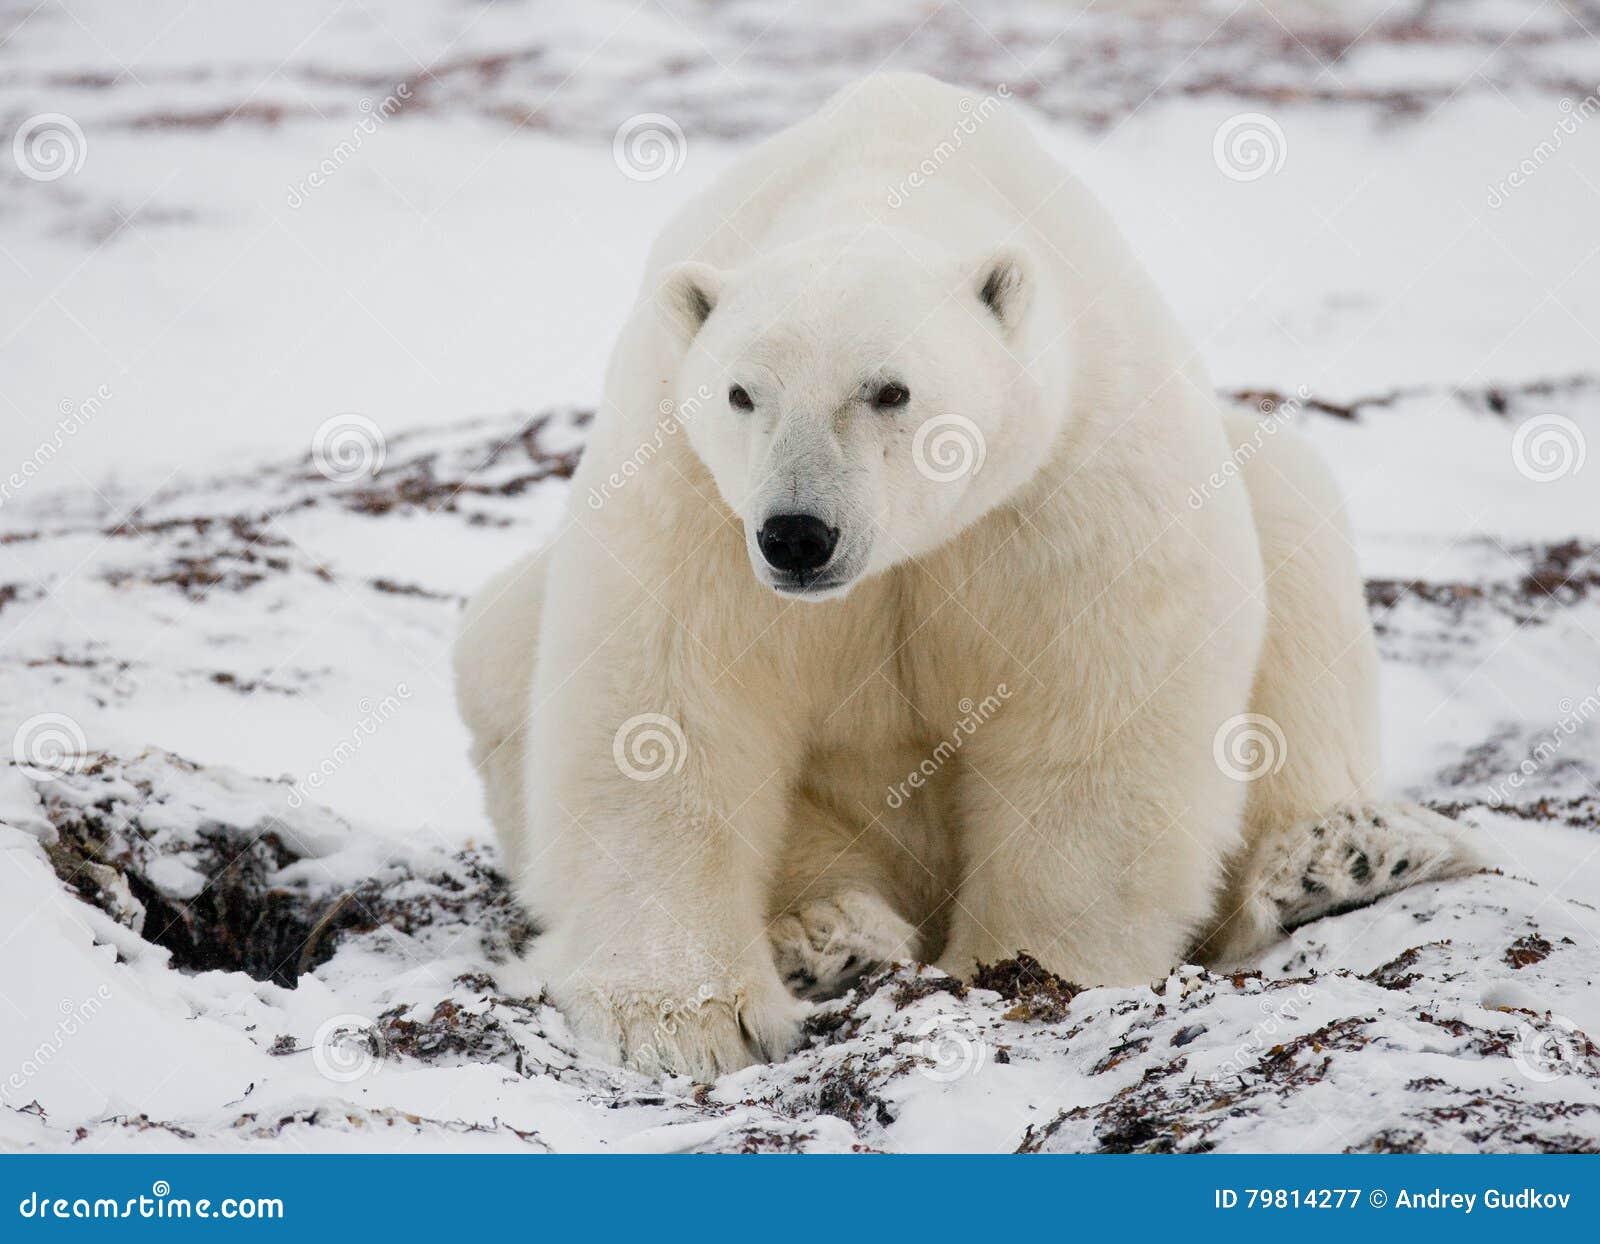 Polar bear sitting in the snow on the tundra. Canada. Churchill National Park.